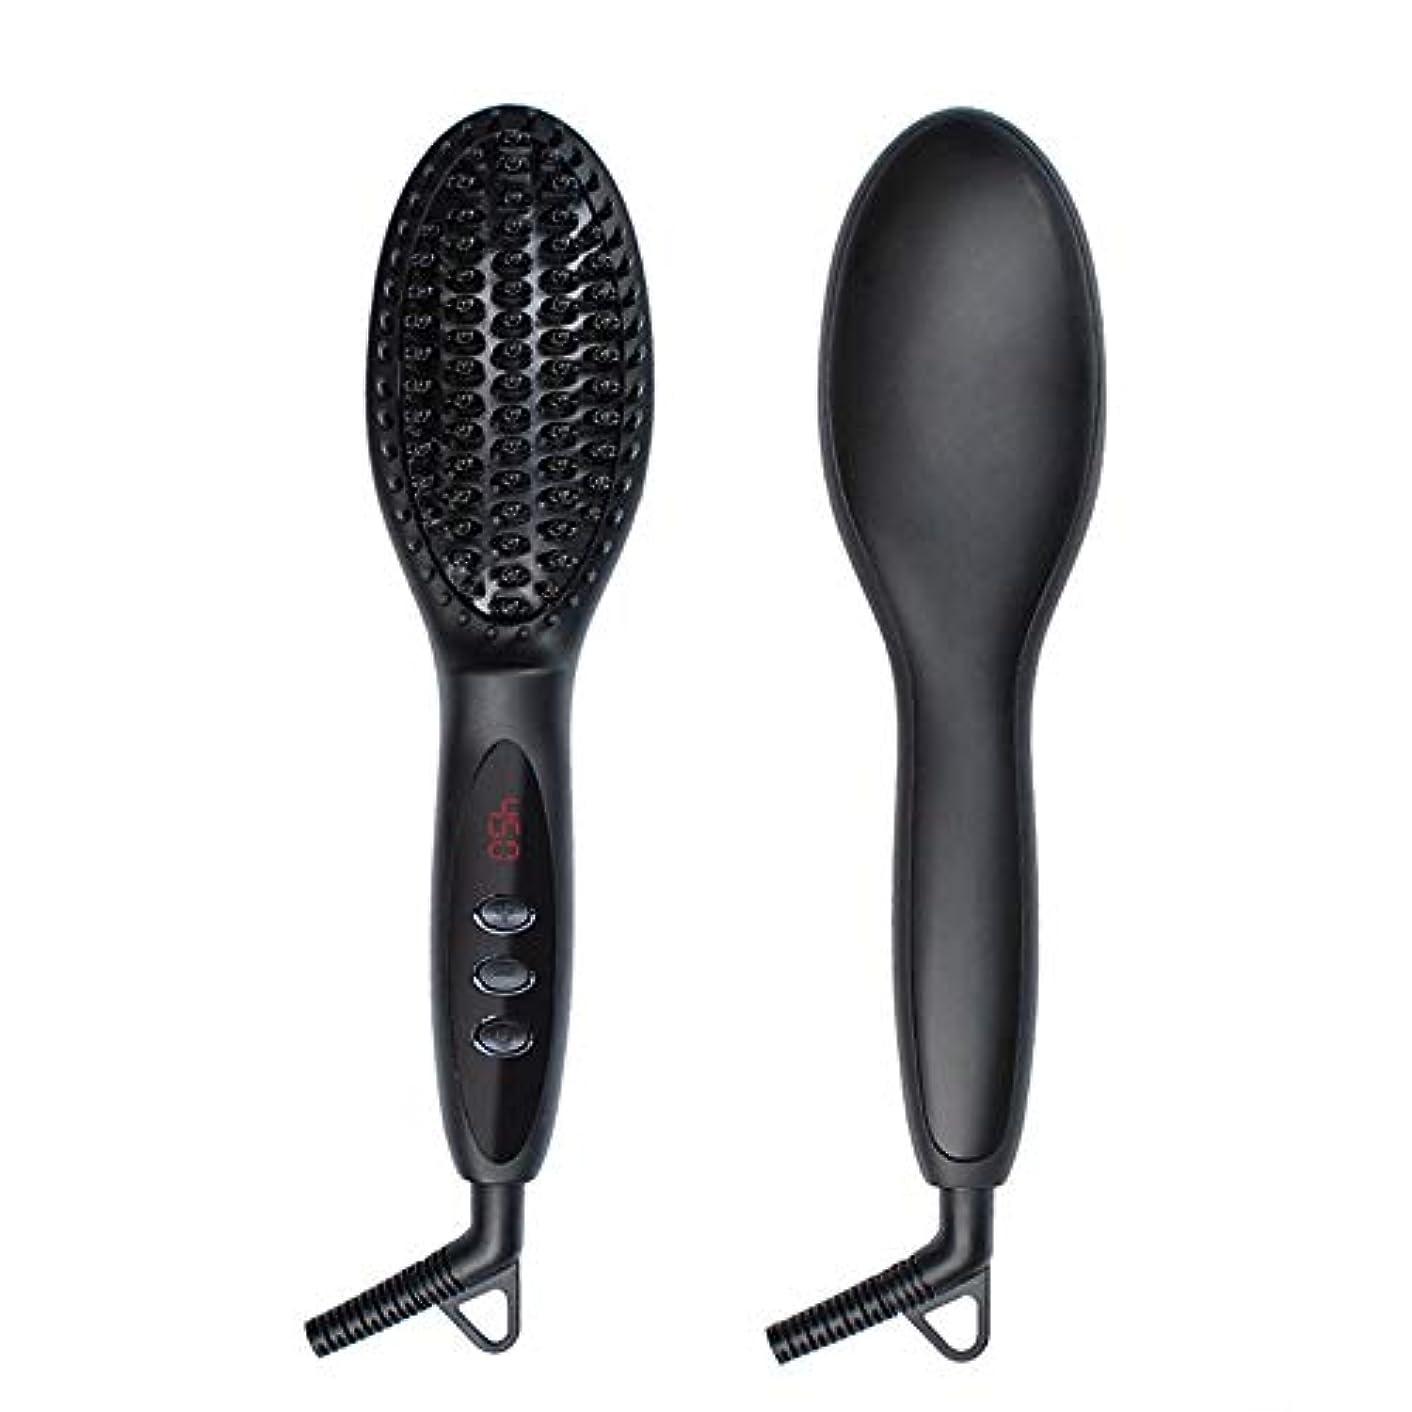 デザート志すローブZYDP イオンストレートヘアアイロンブラシファストヒートストレートヘアアイロン (色 : 黒)